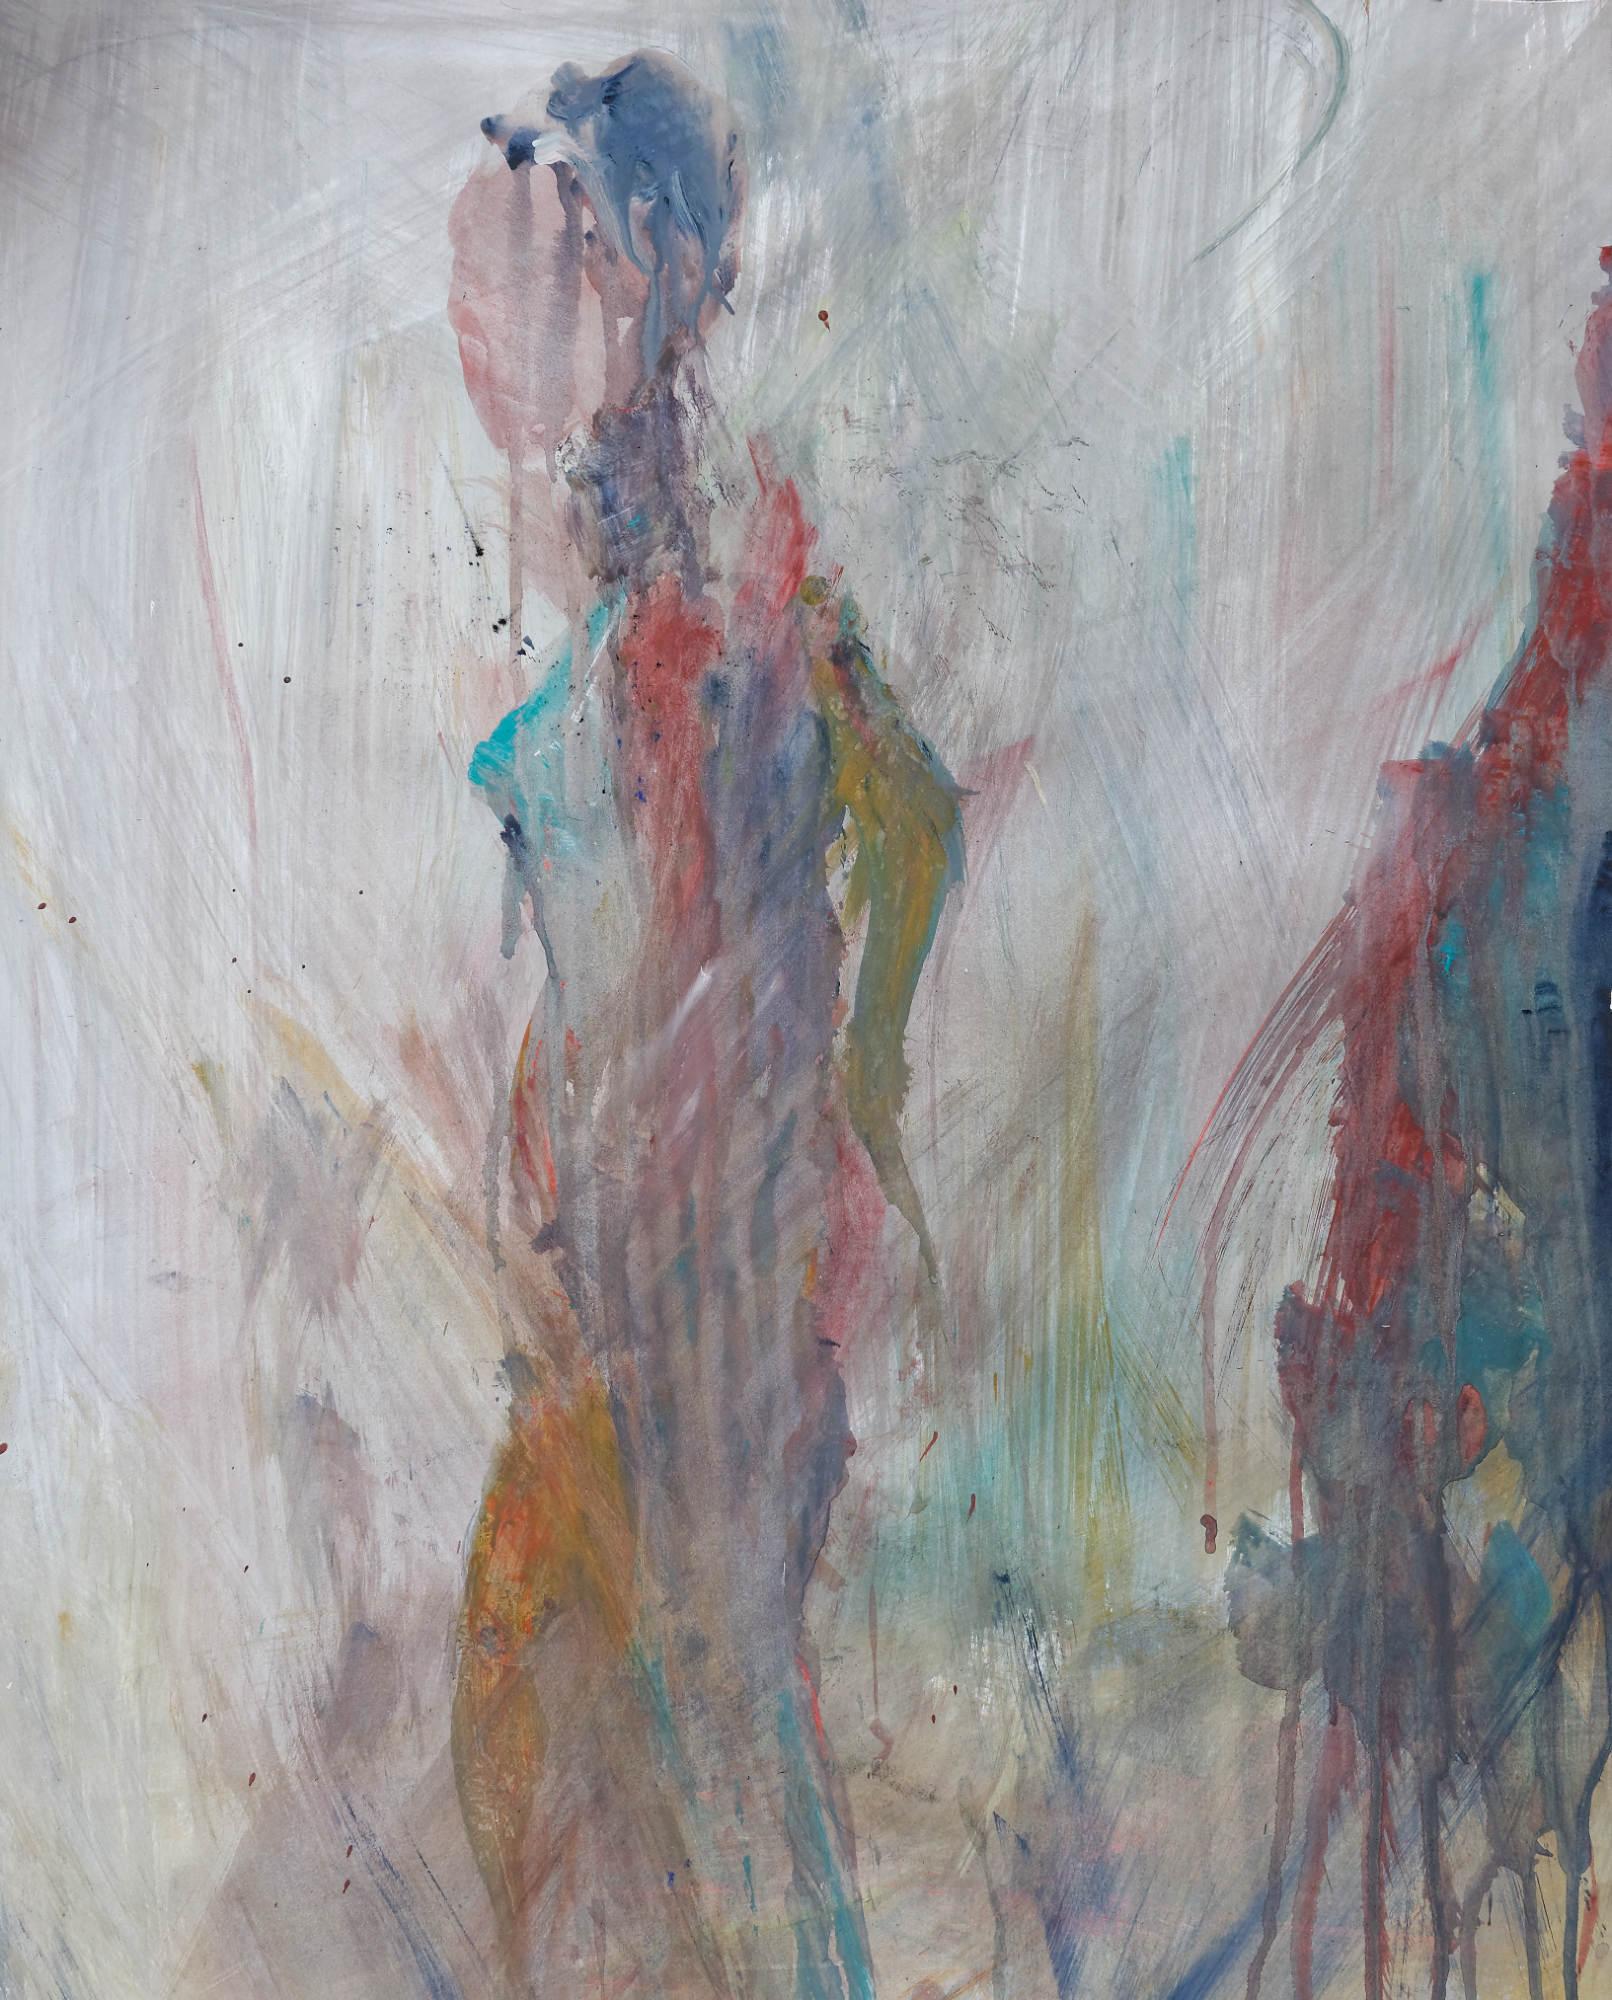 2008 - Akt Frau, 55x65cm, Acryl